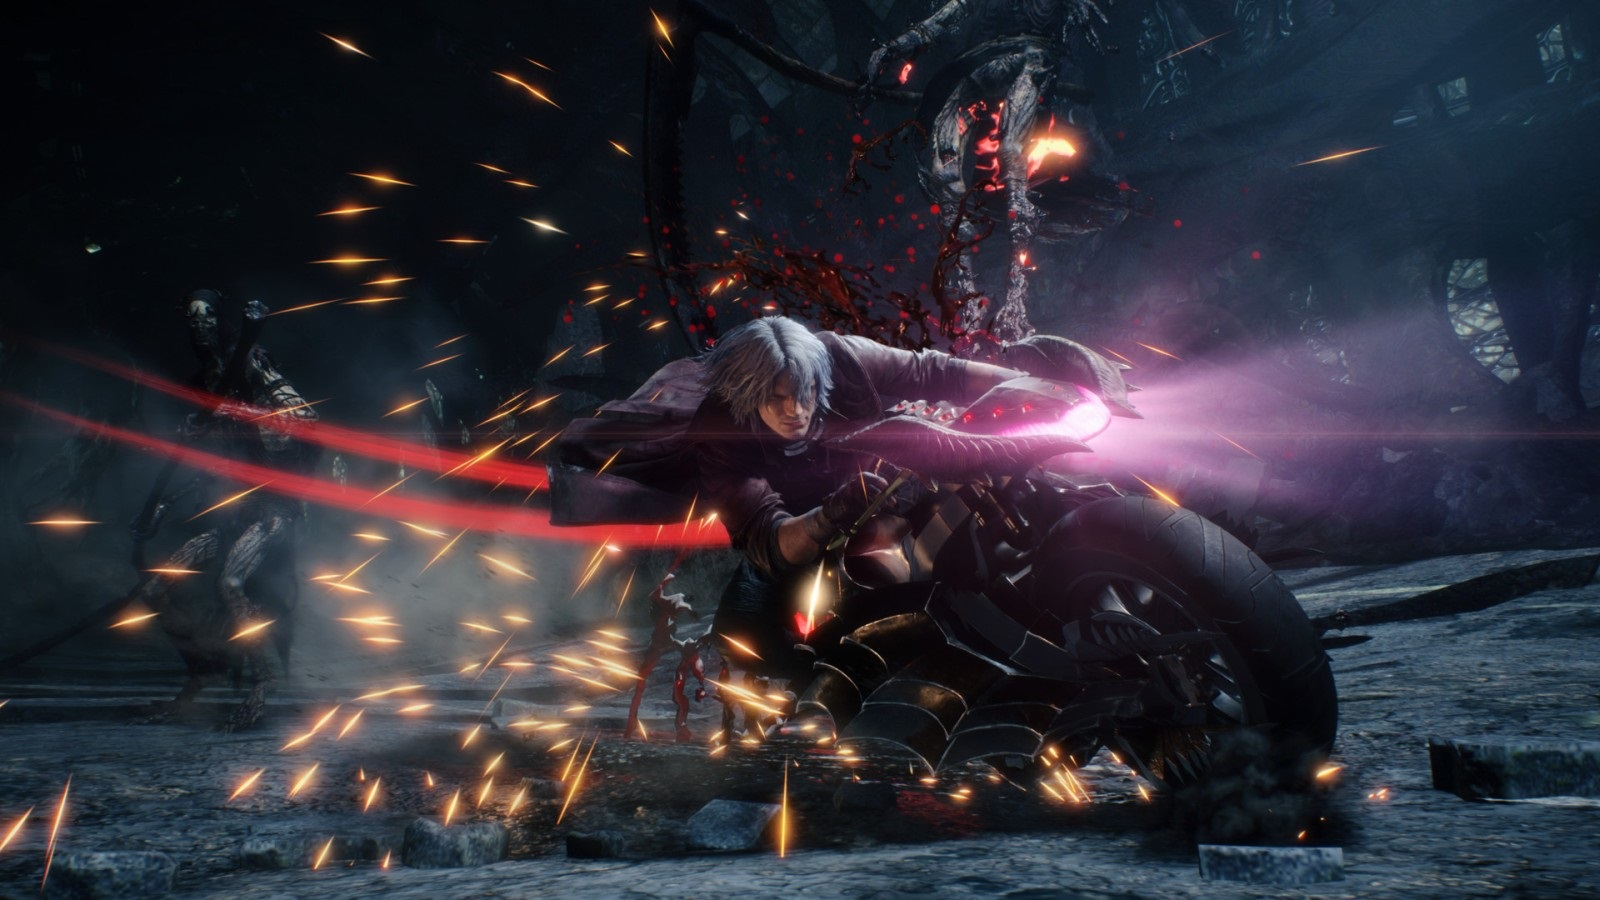 Nejočekávanější hry v roce 2019; Devil May Cry 5, screenshot: motorka